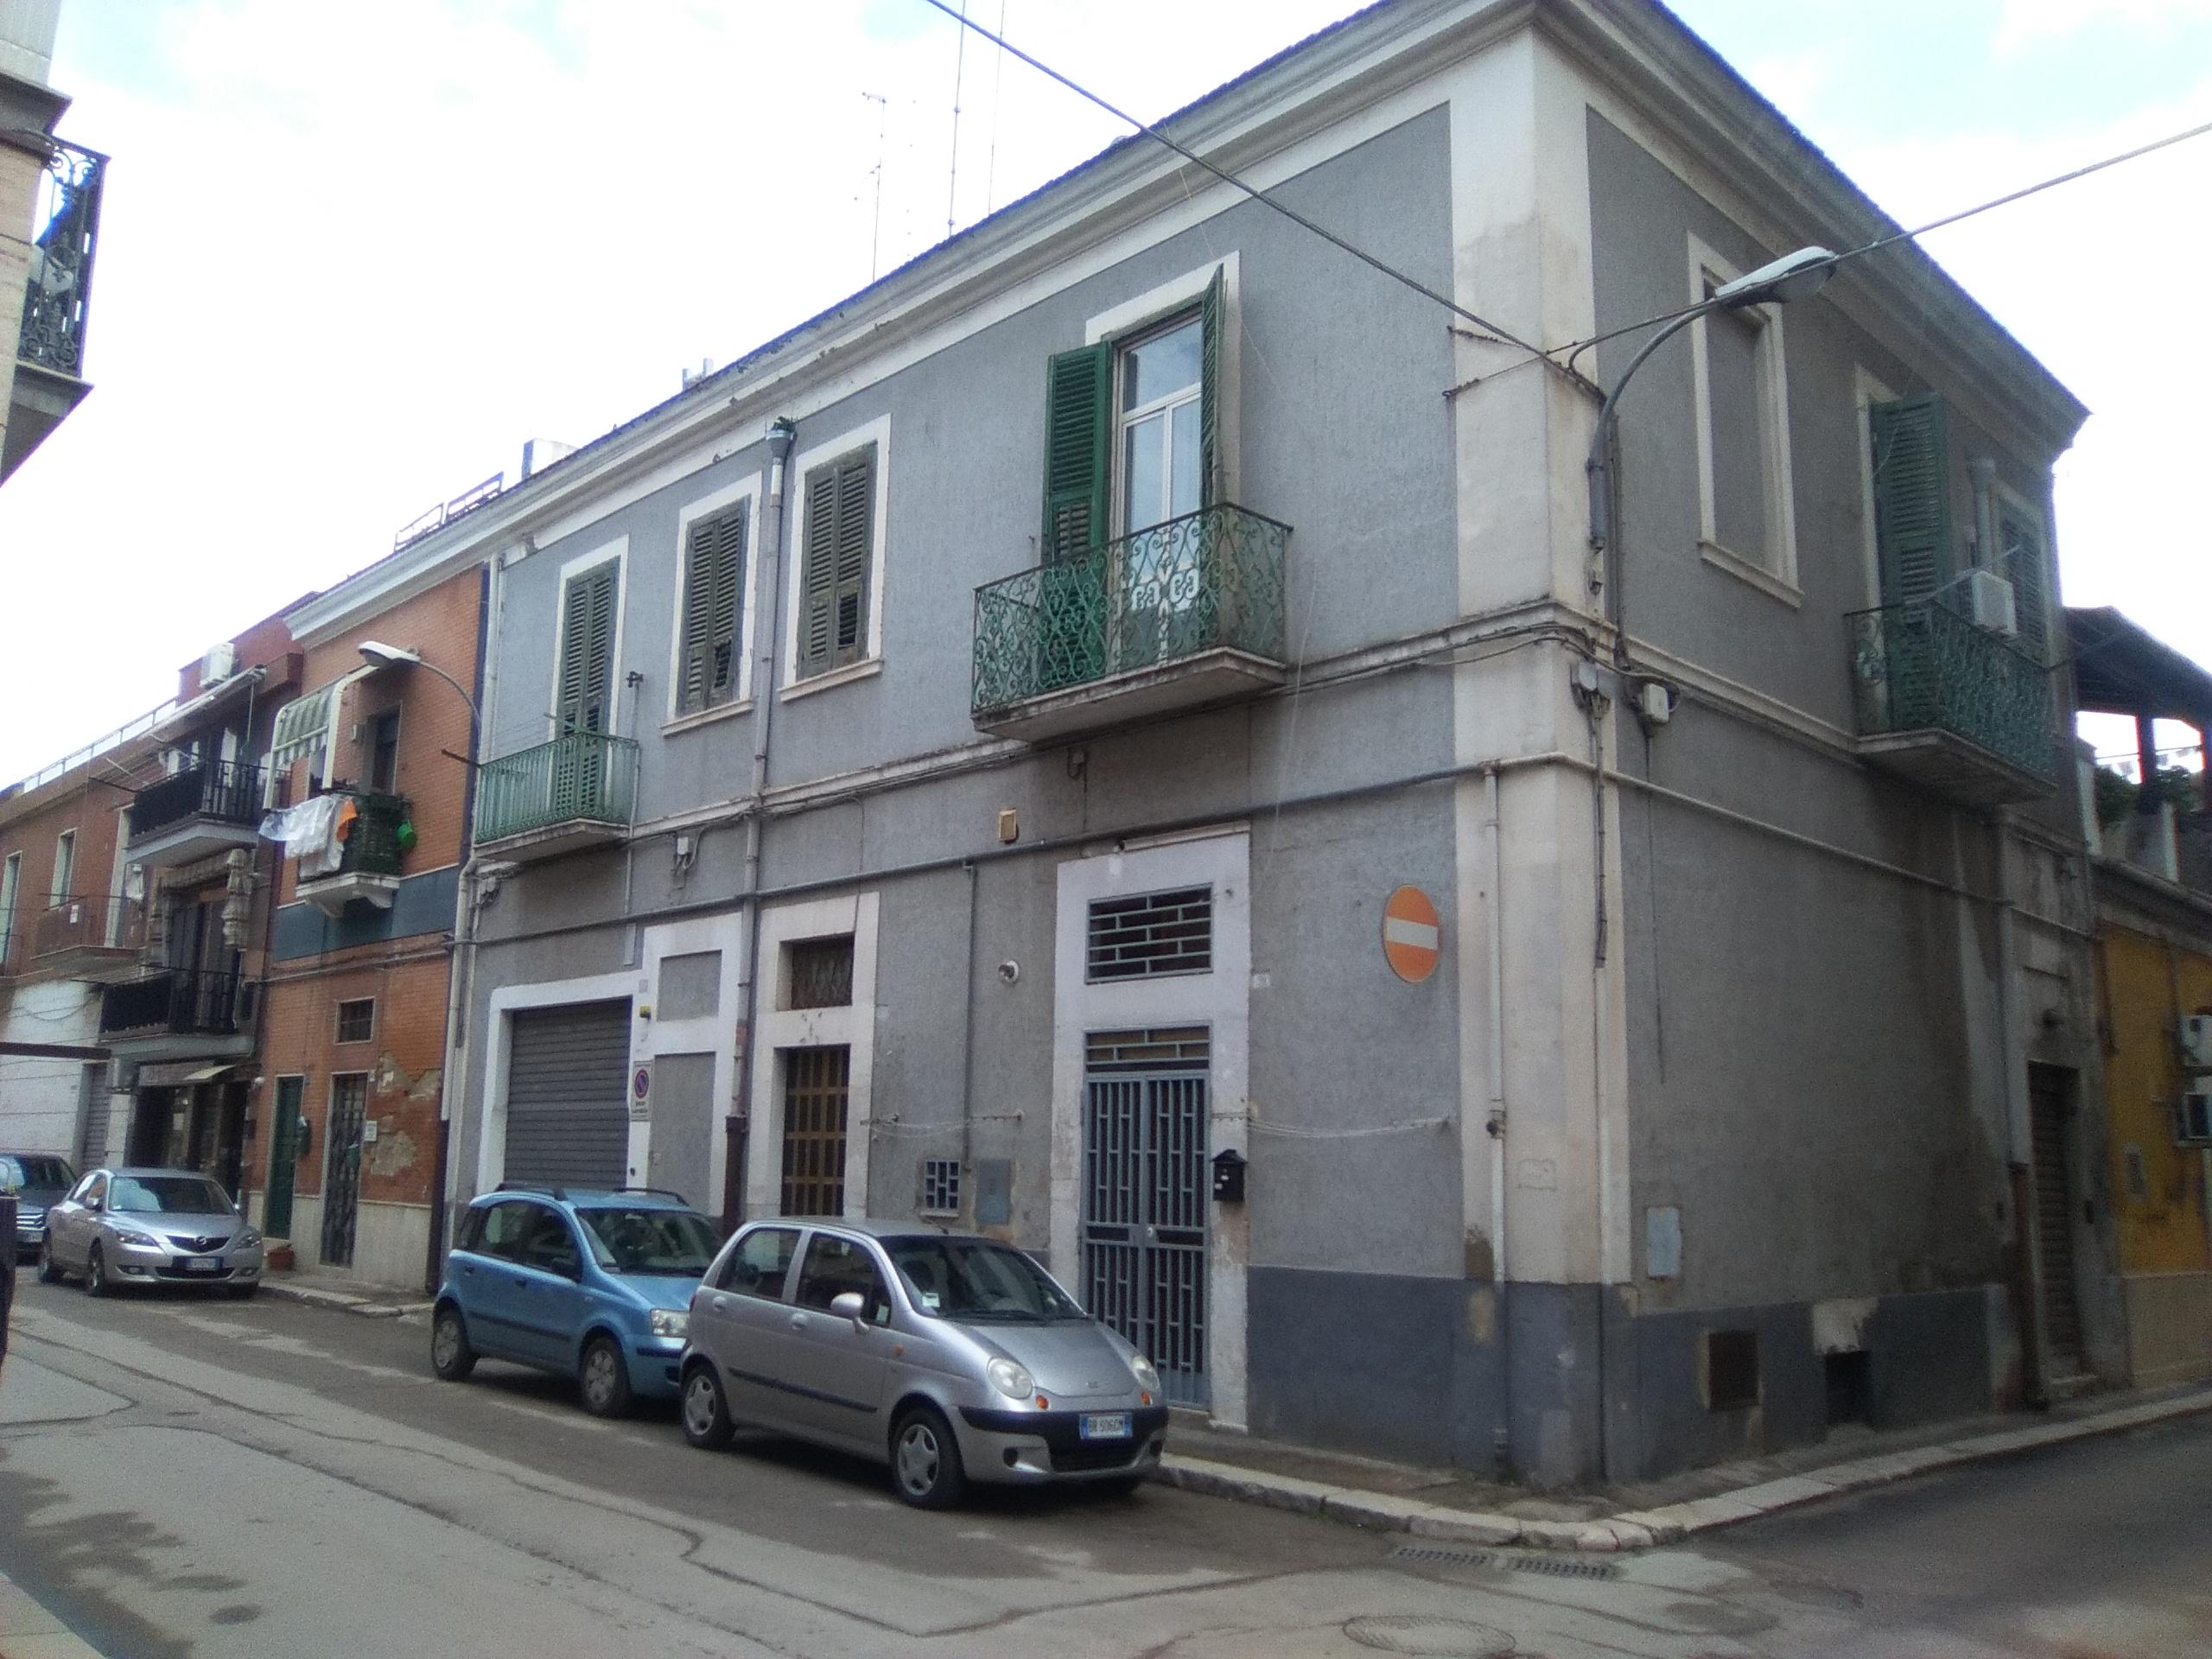 Foggia-Via Salomone 2 vani accessori